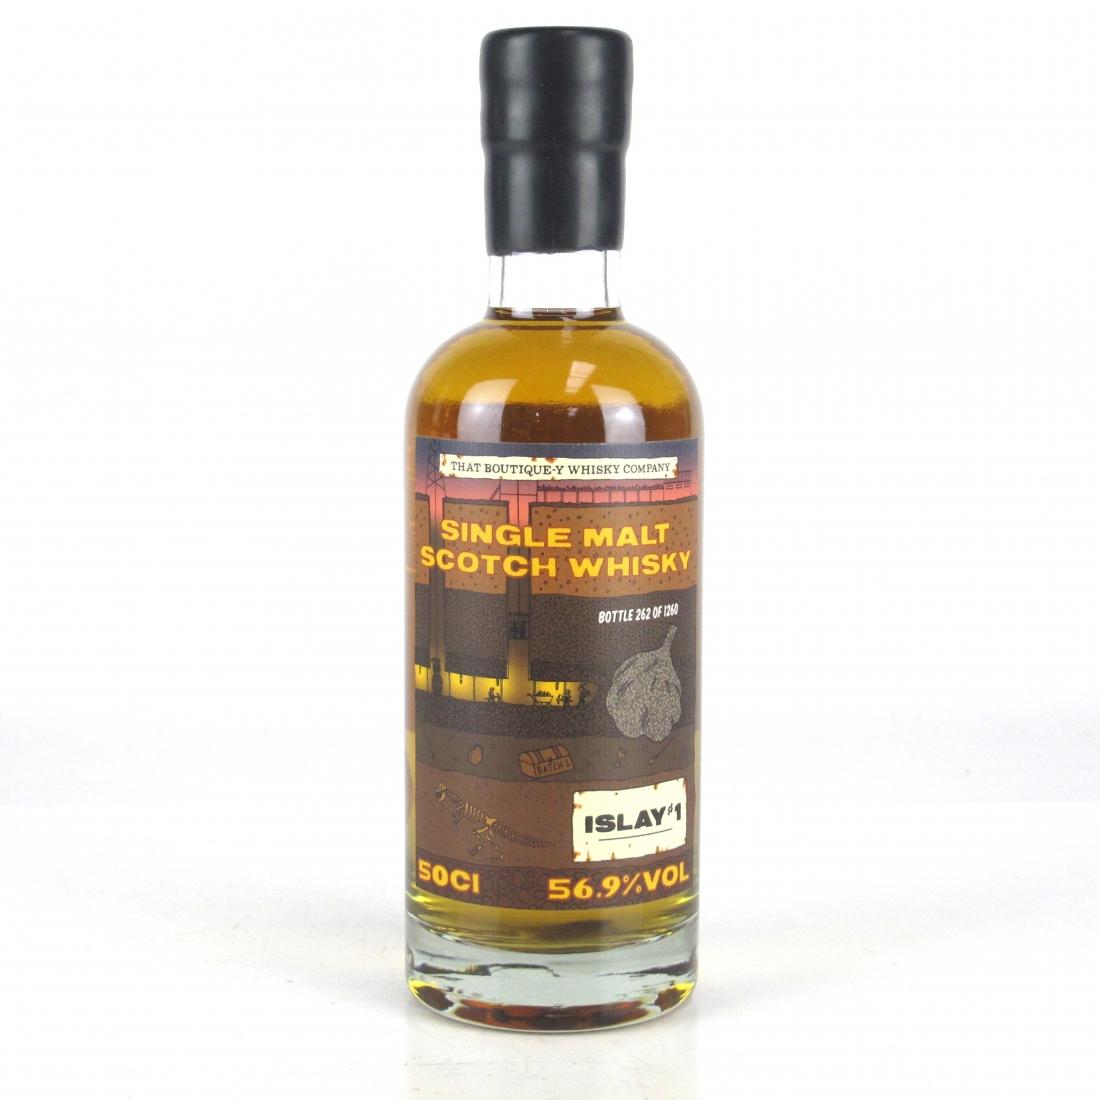 Caol Ila / Islay No.1 Single Malt That Boutique-y Whisky Company Batch #1